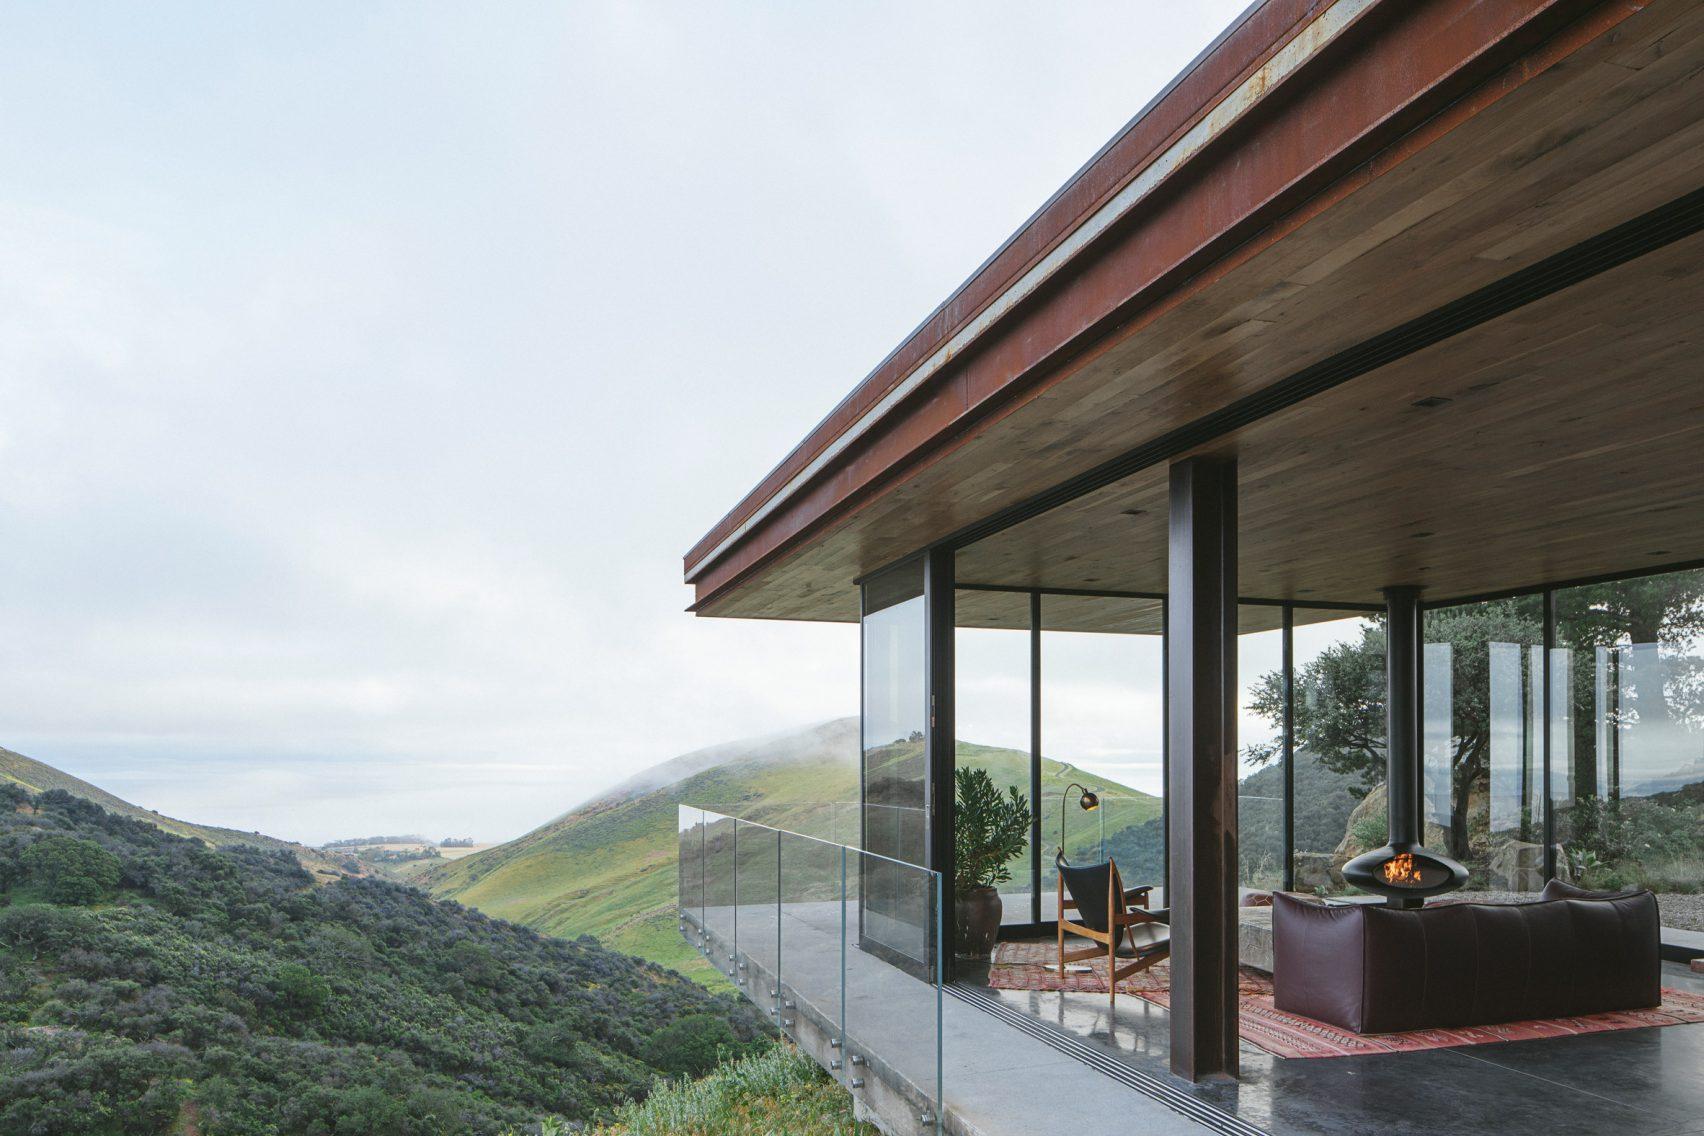 Офф-грид гостевой дом от компании «Anacapa Architecture»